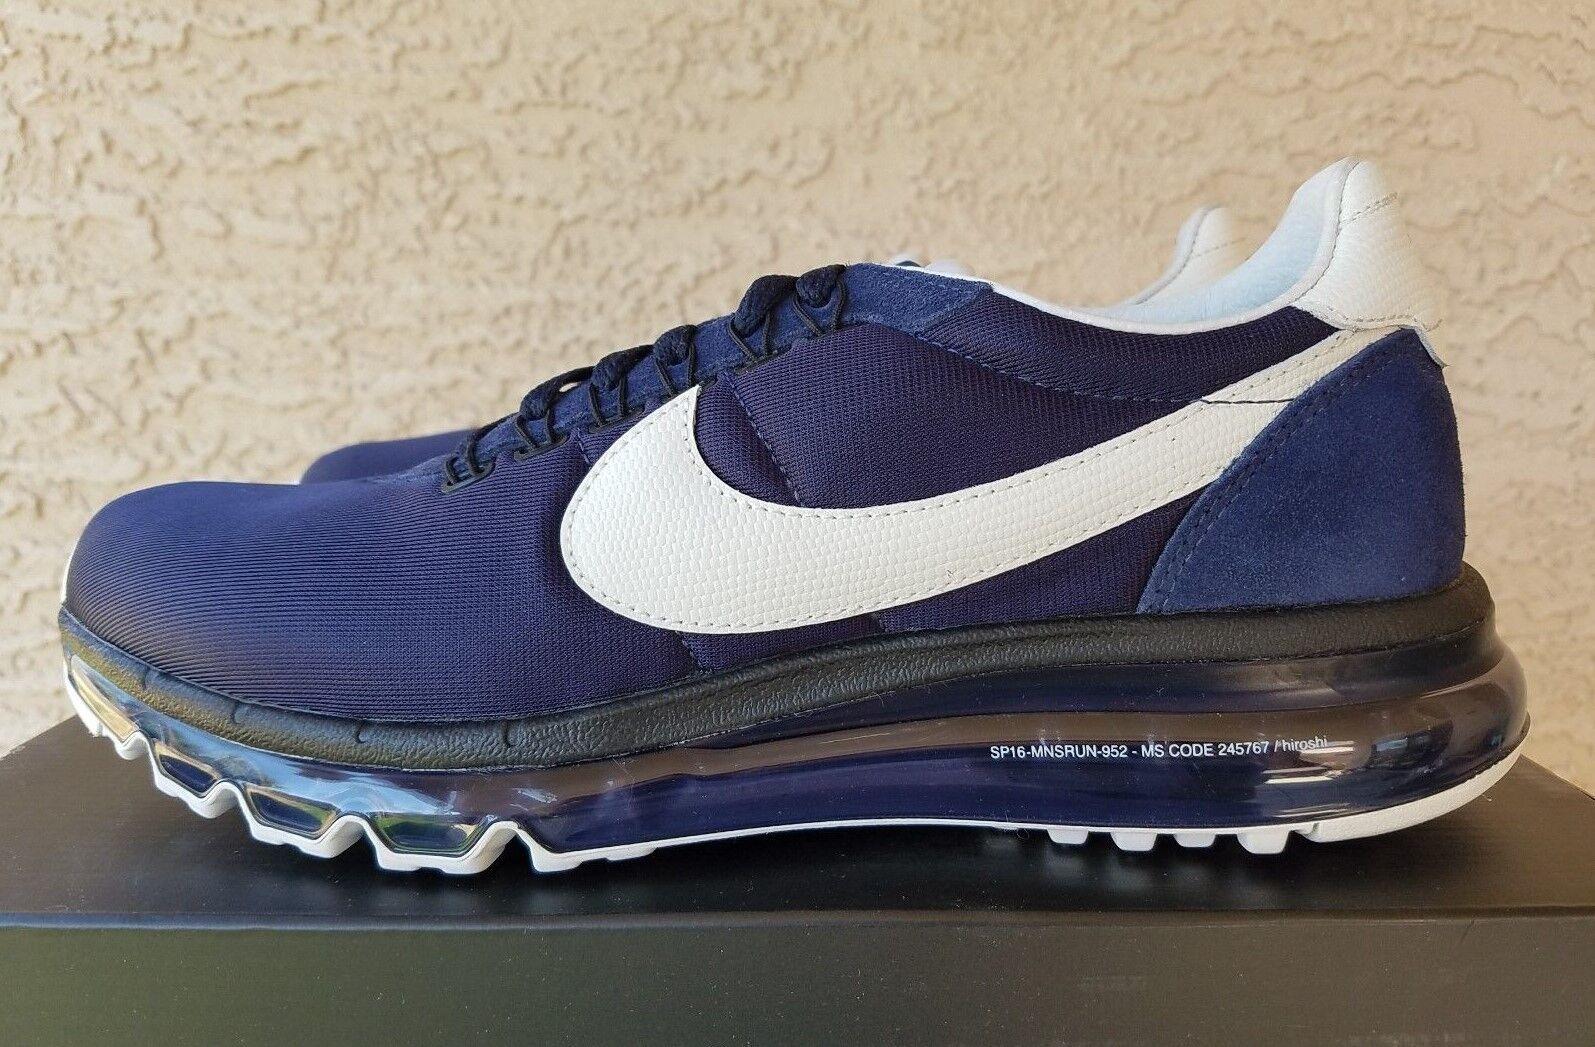 584f0a7a0522 Nike Women s Free Tr 6 Training Shoe. Nike Air Max LD-Zero Hiroshi Fujiwara  HTM White SZ 5.5    Womens 7